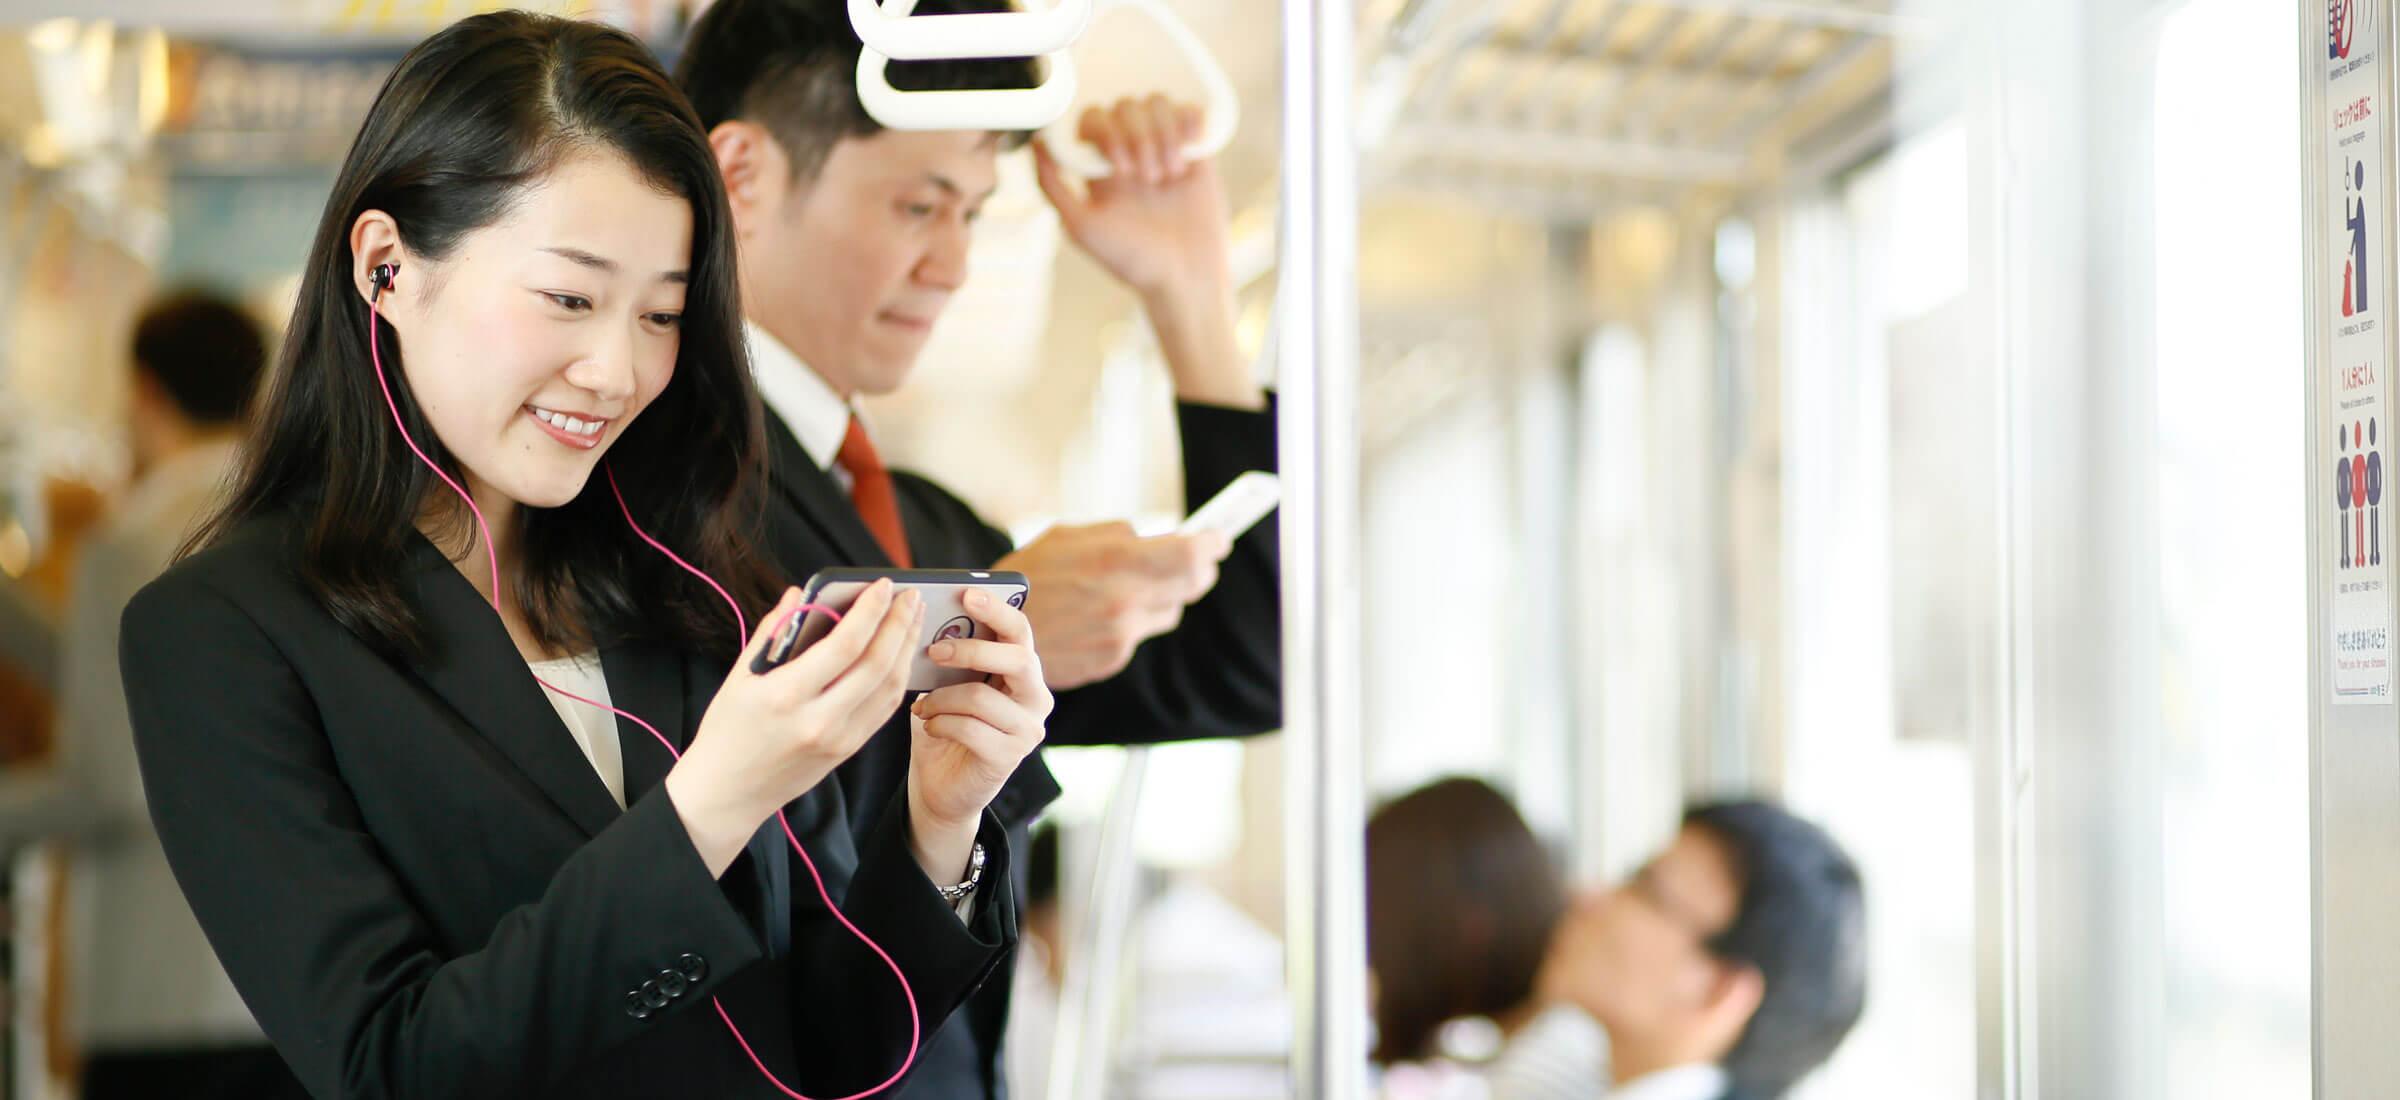 ビジネス著作権検定®  通勤講座 - スマホで学べる通信講座で資格を取得 1